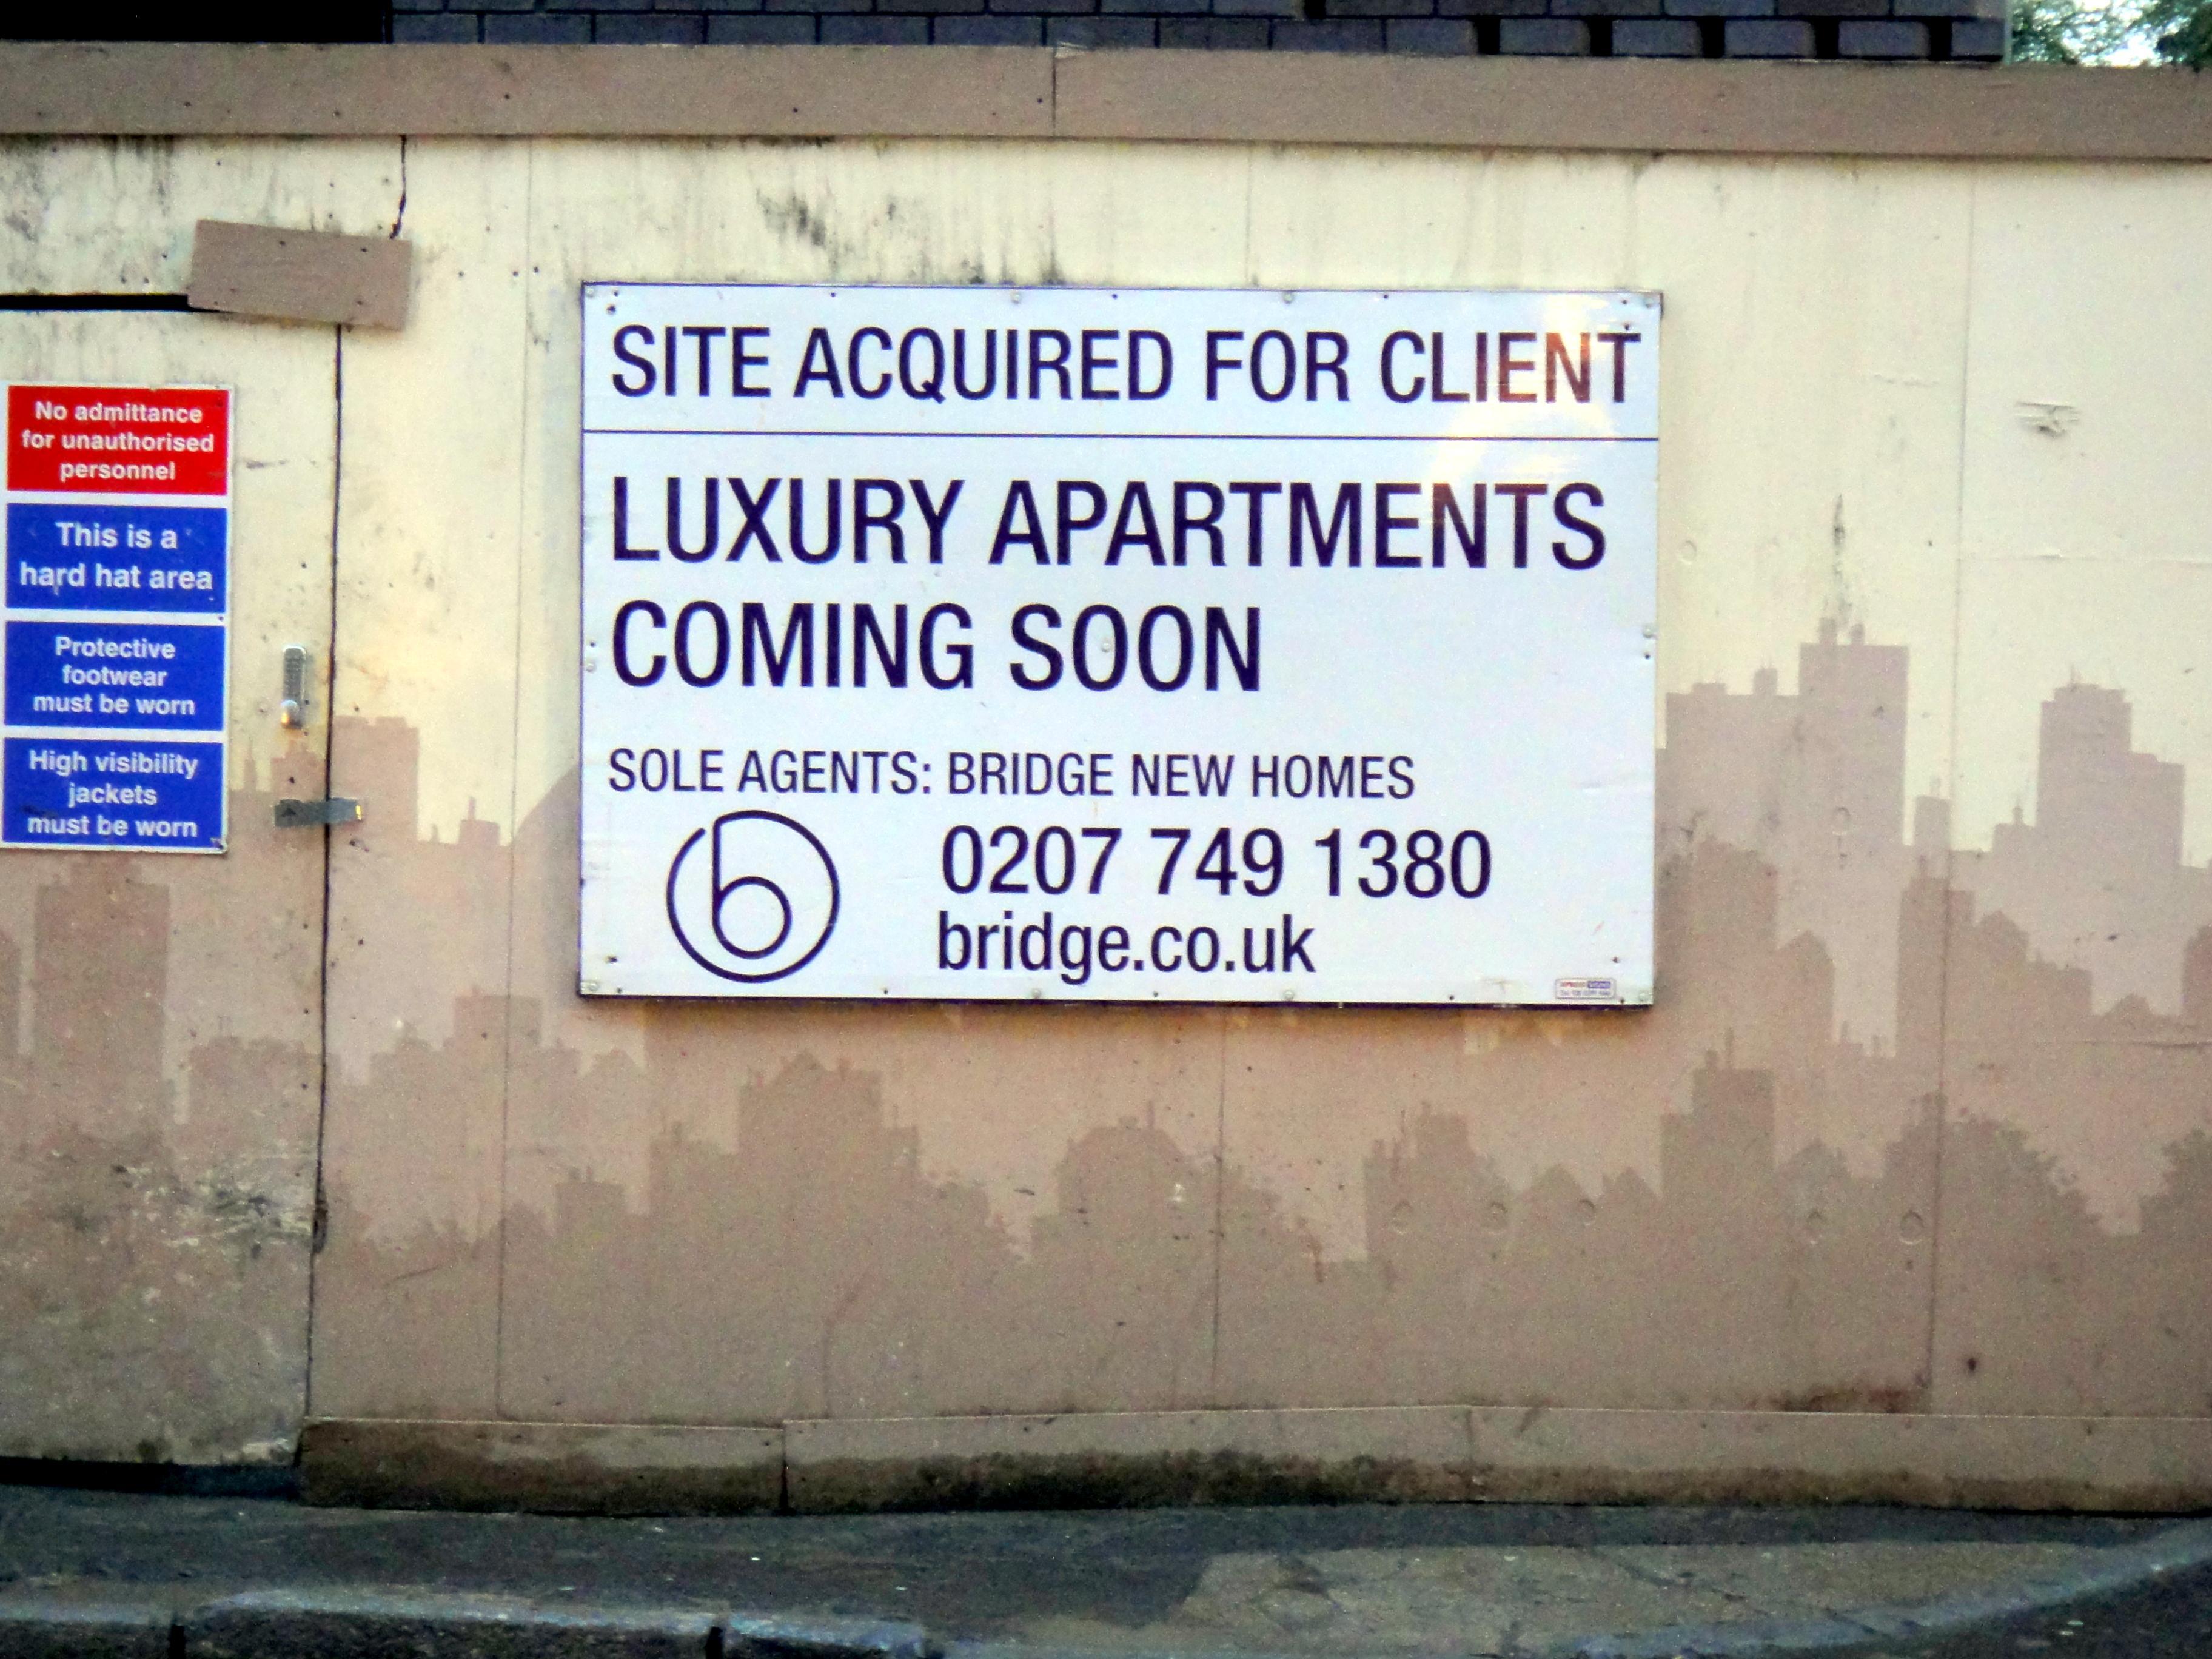 Imatge de recurs sobre la gentrificació a Islington